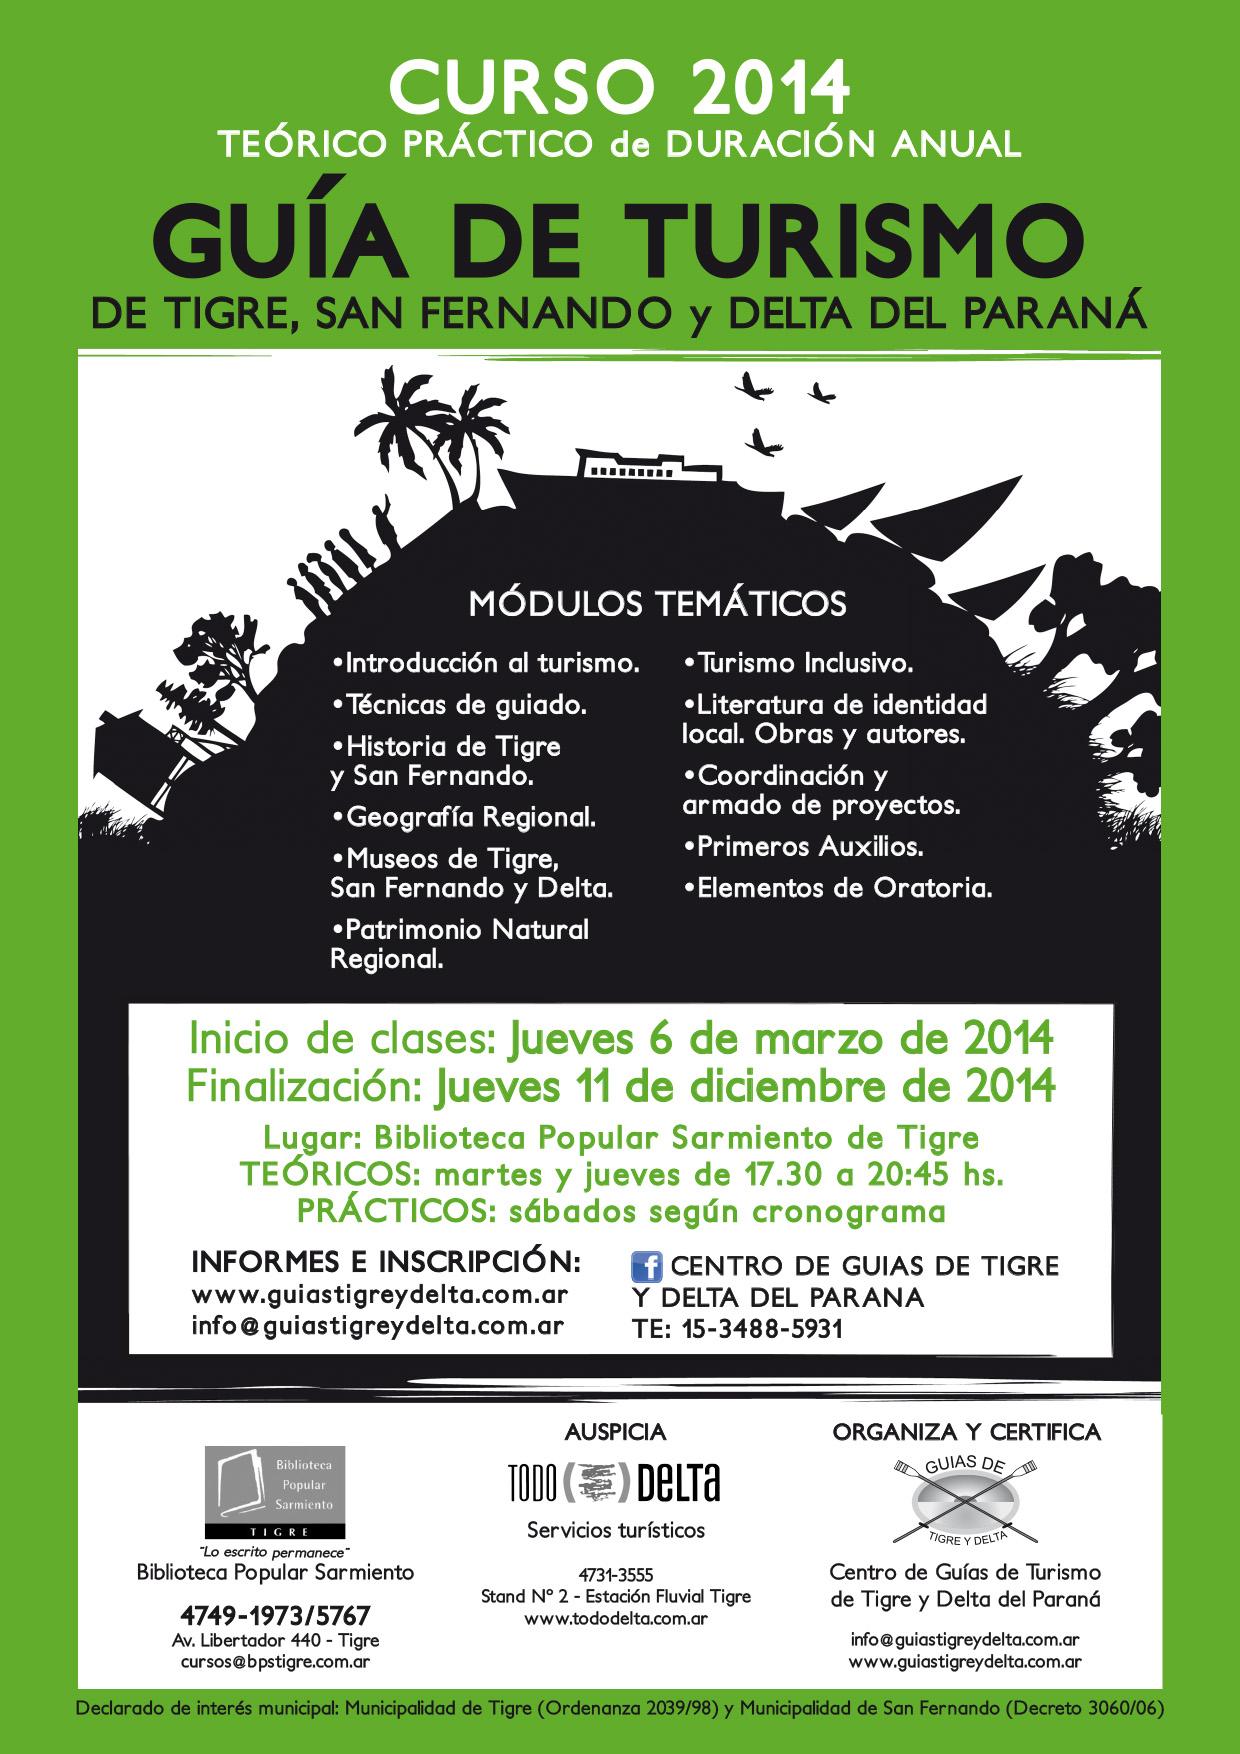 Afiche curso Cto. guías 2014 1